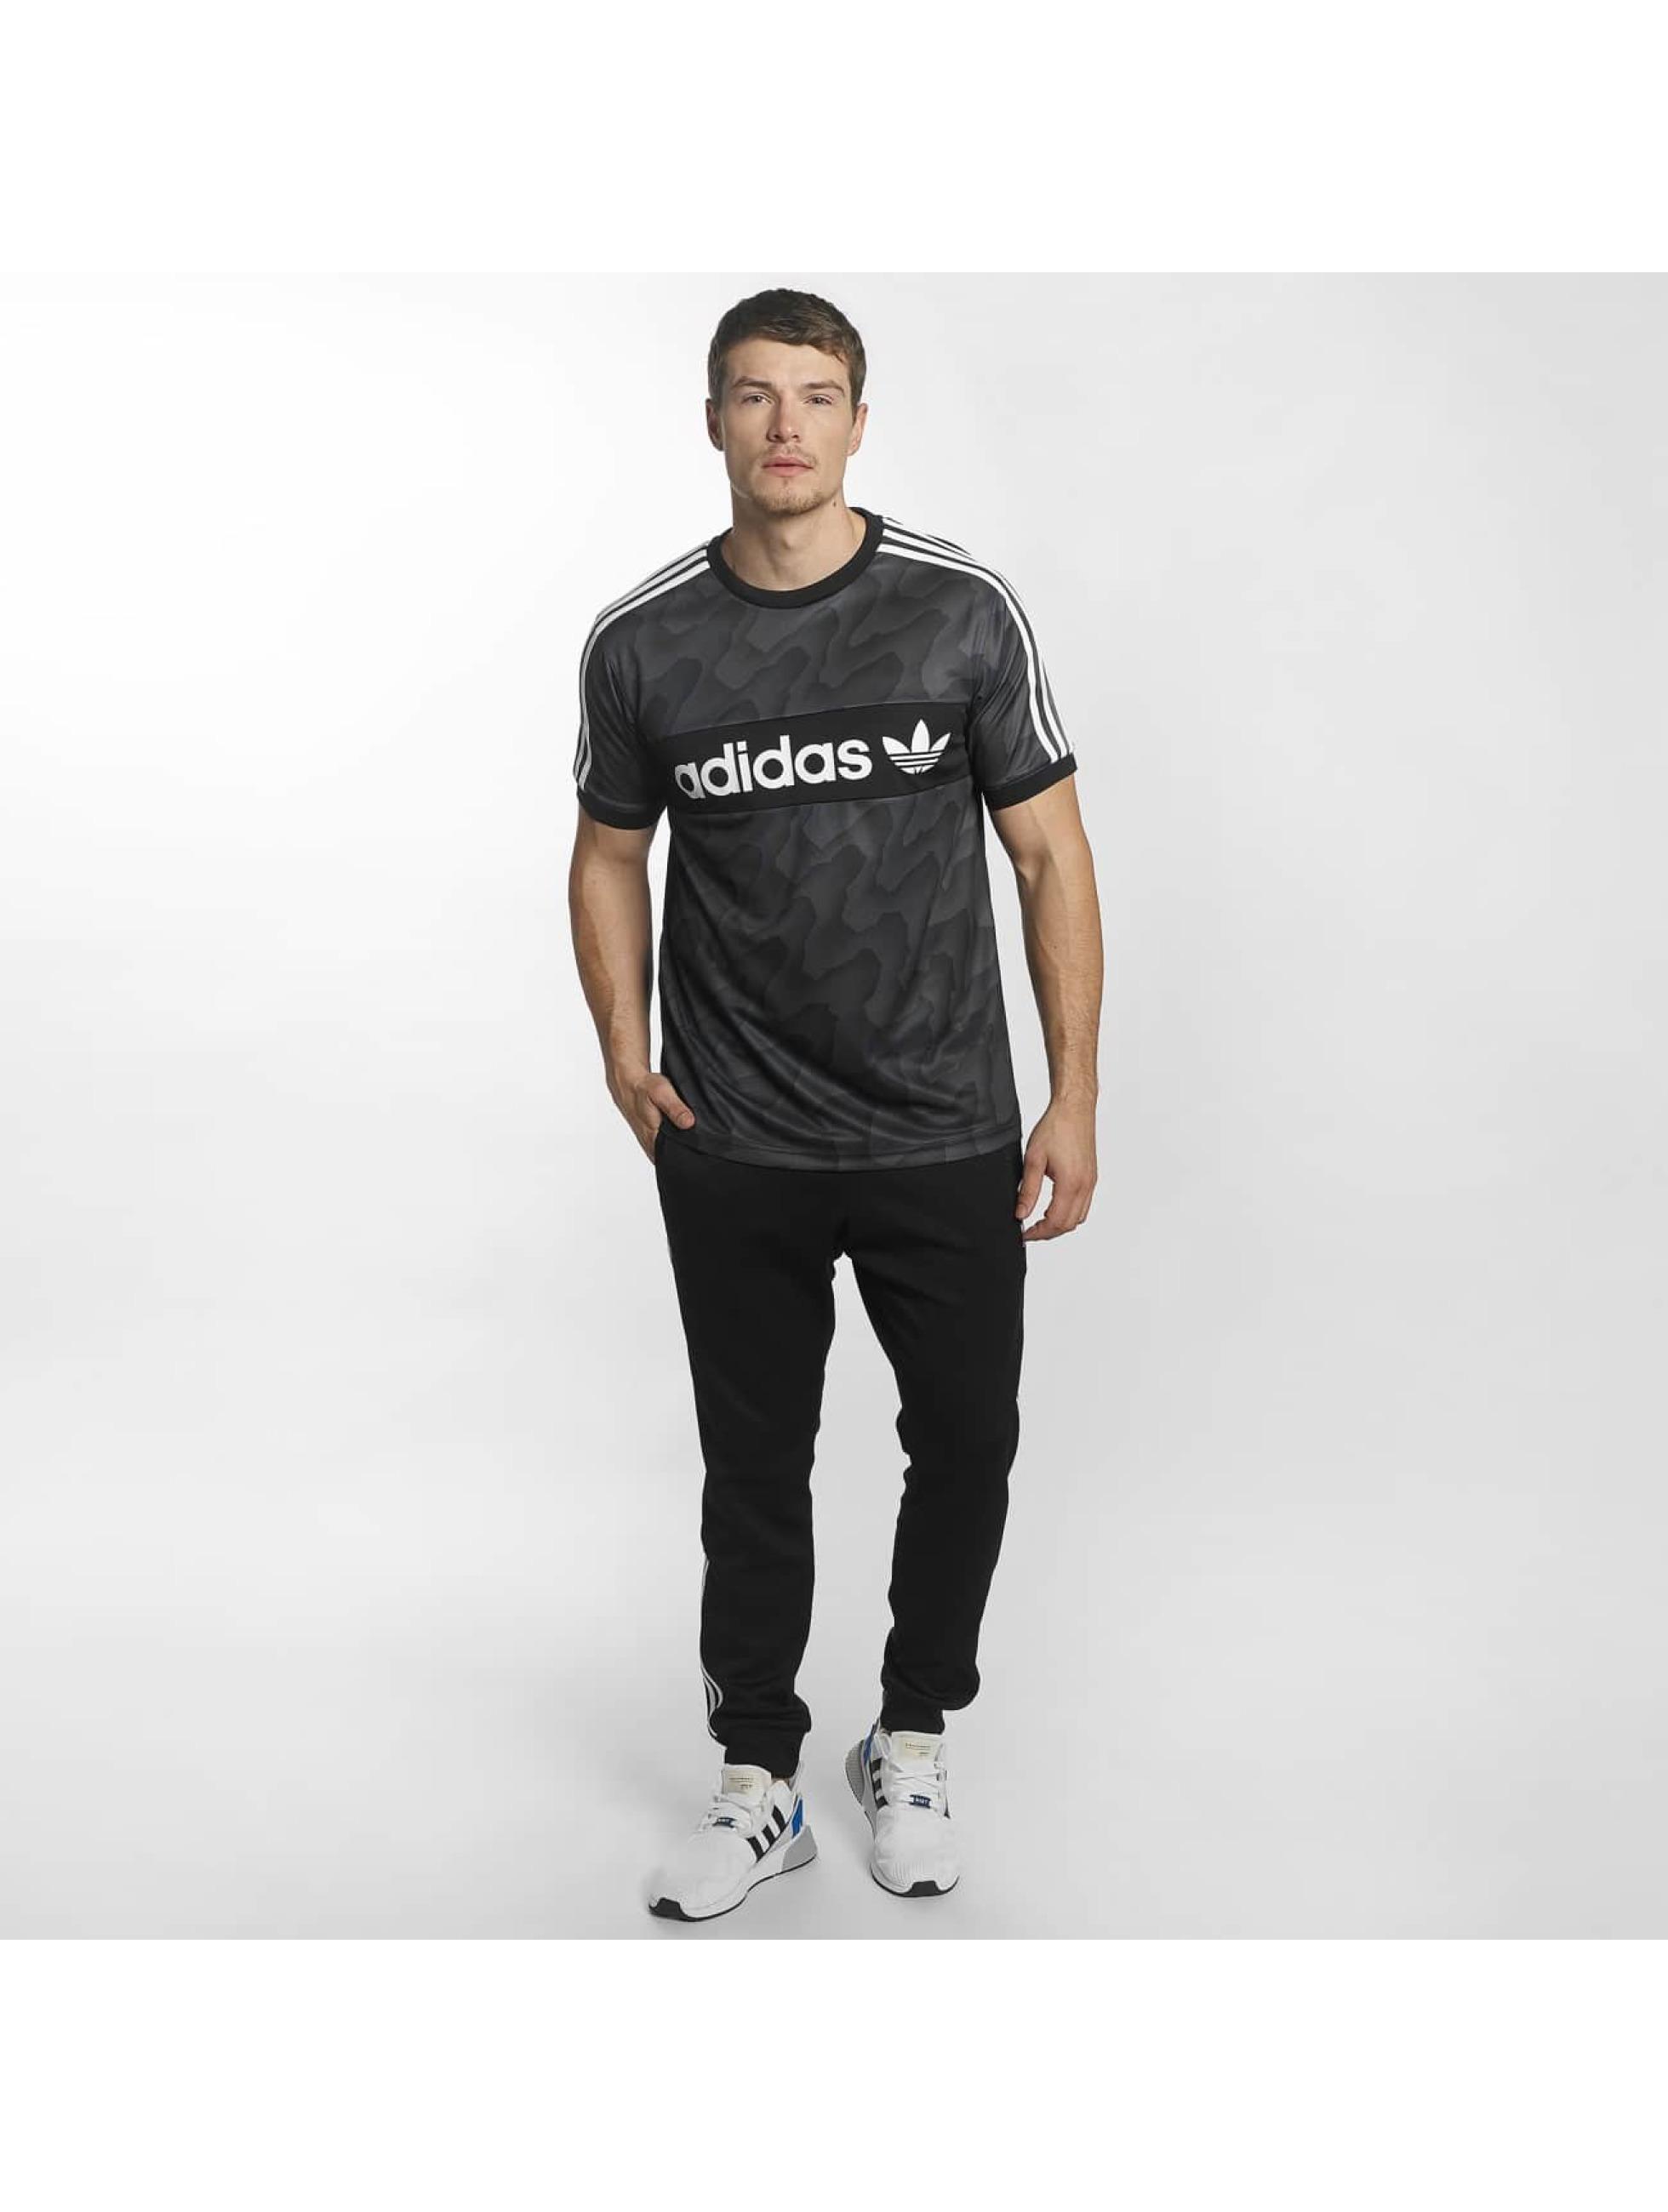 adidas T-Shirt Clima Club schwarz